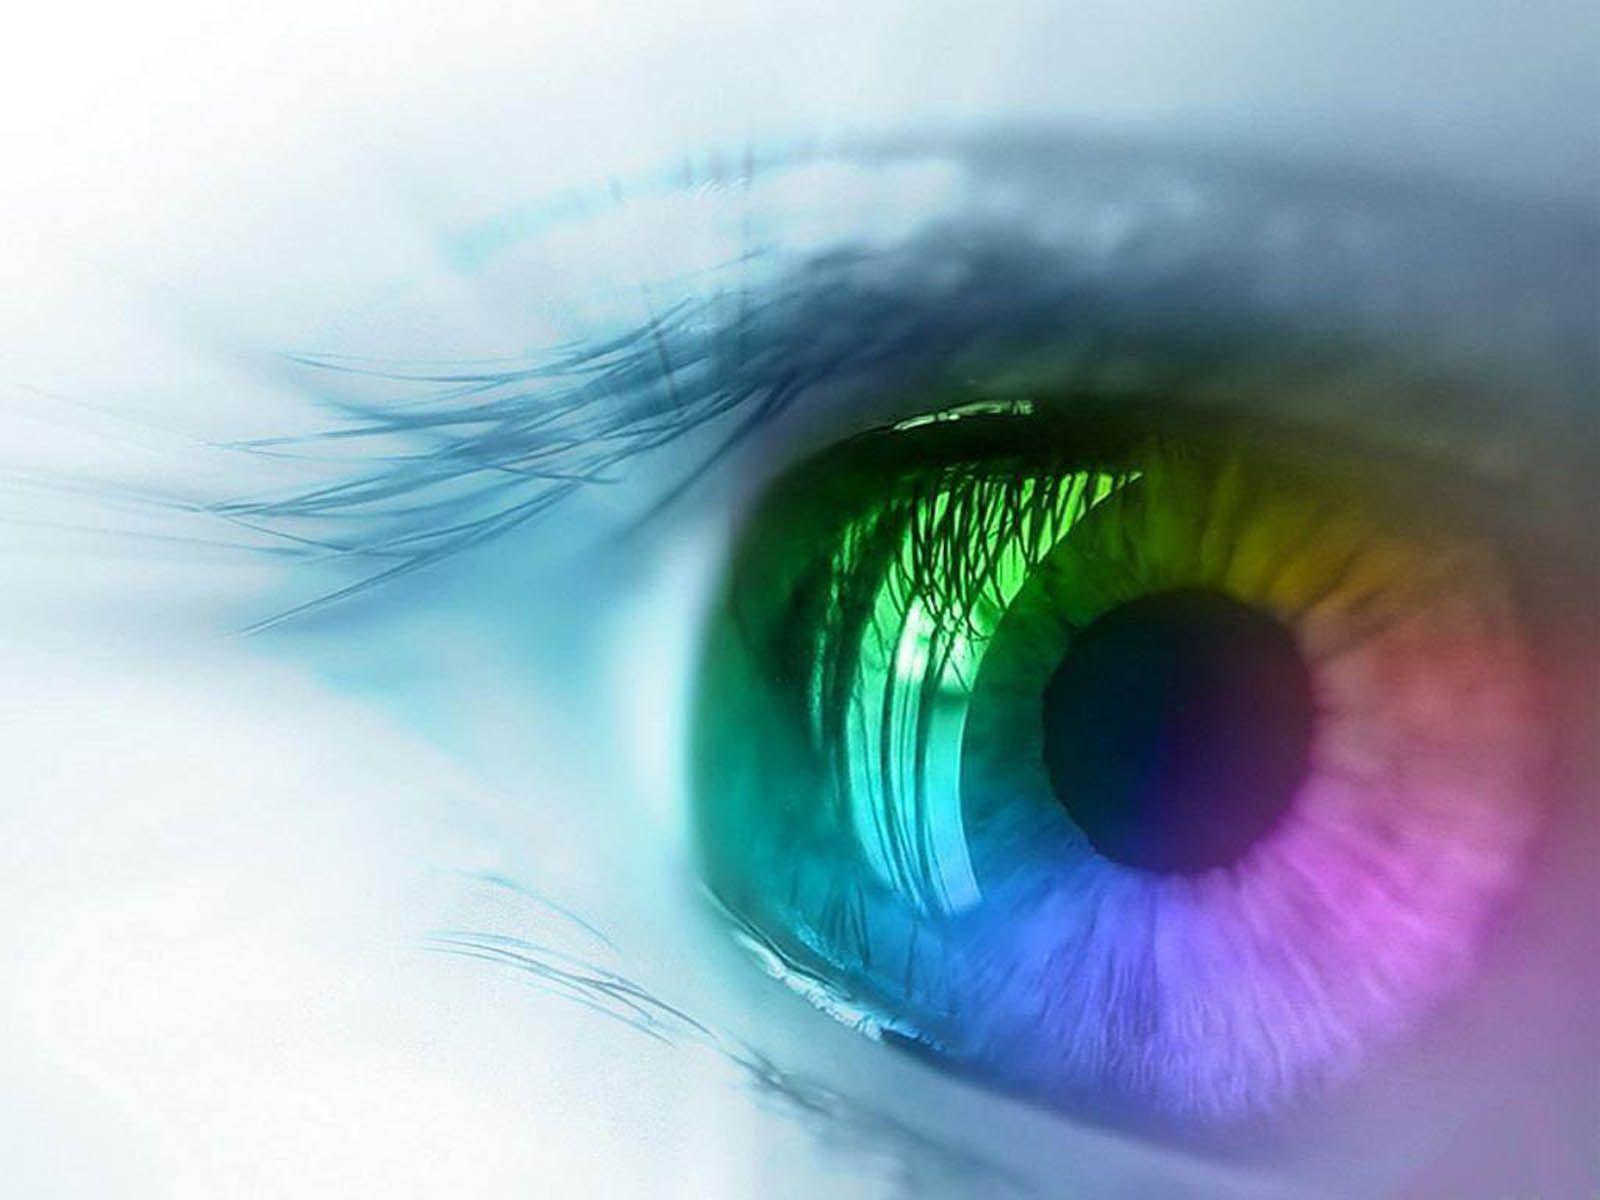 wallpaper 3D Eye Wallpapers Best Games Wallpapers Pinterest